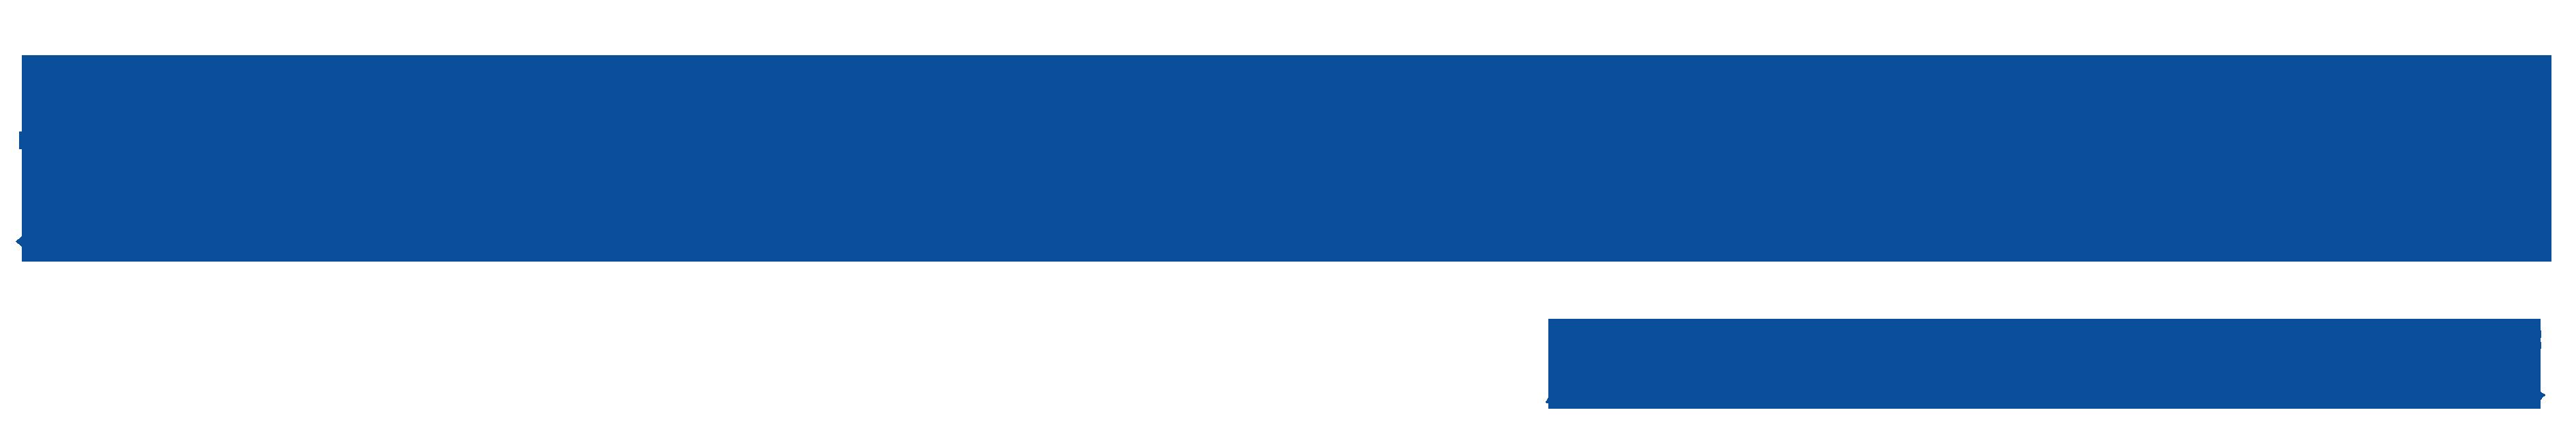 亚博竞技官网新能源有限公司